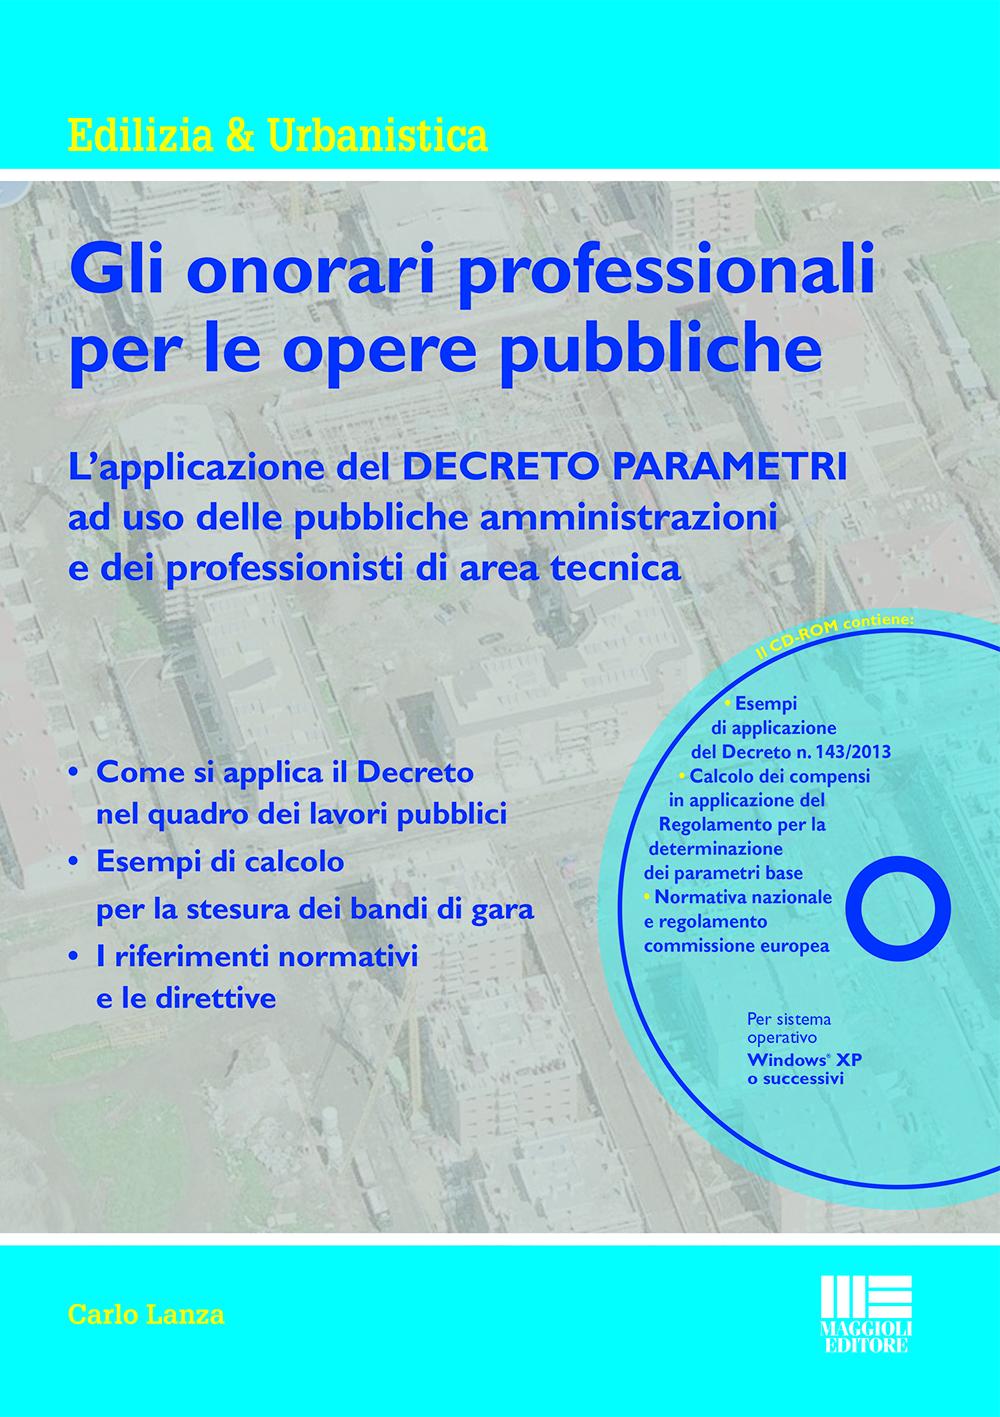 Gli onorari professionali per le opere pubbliche